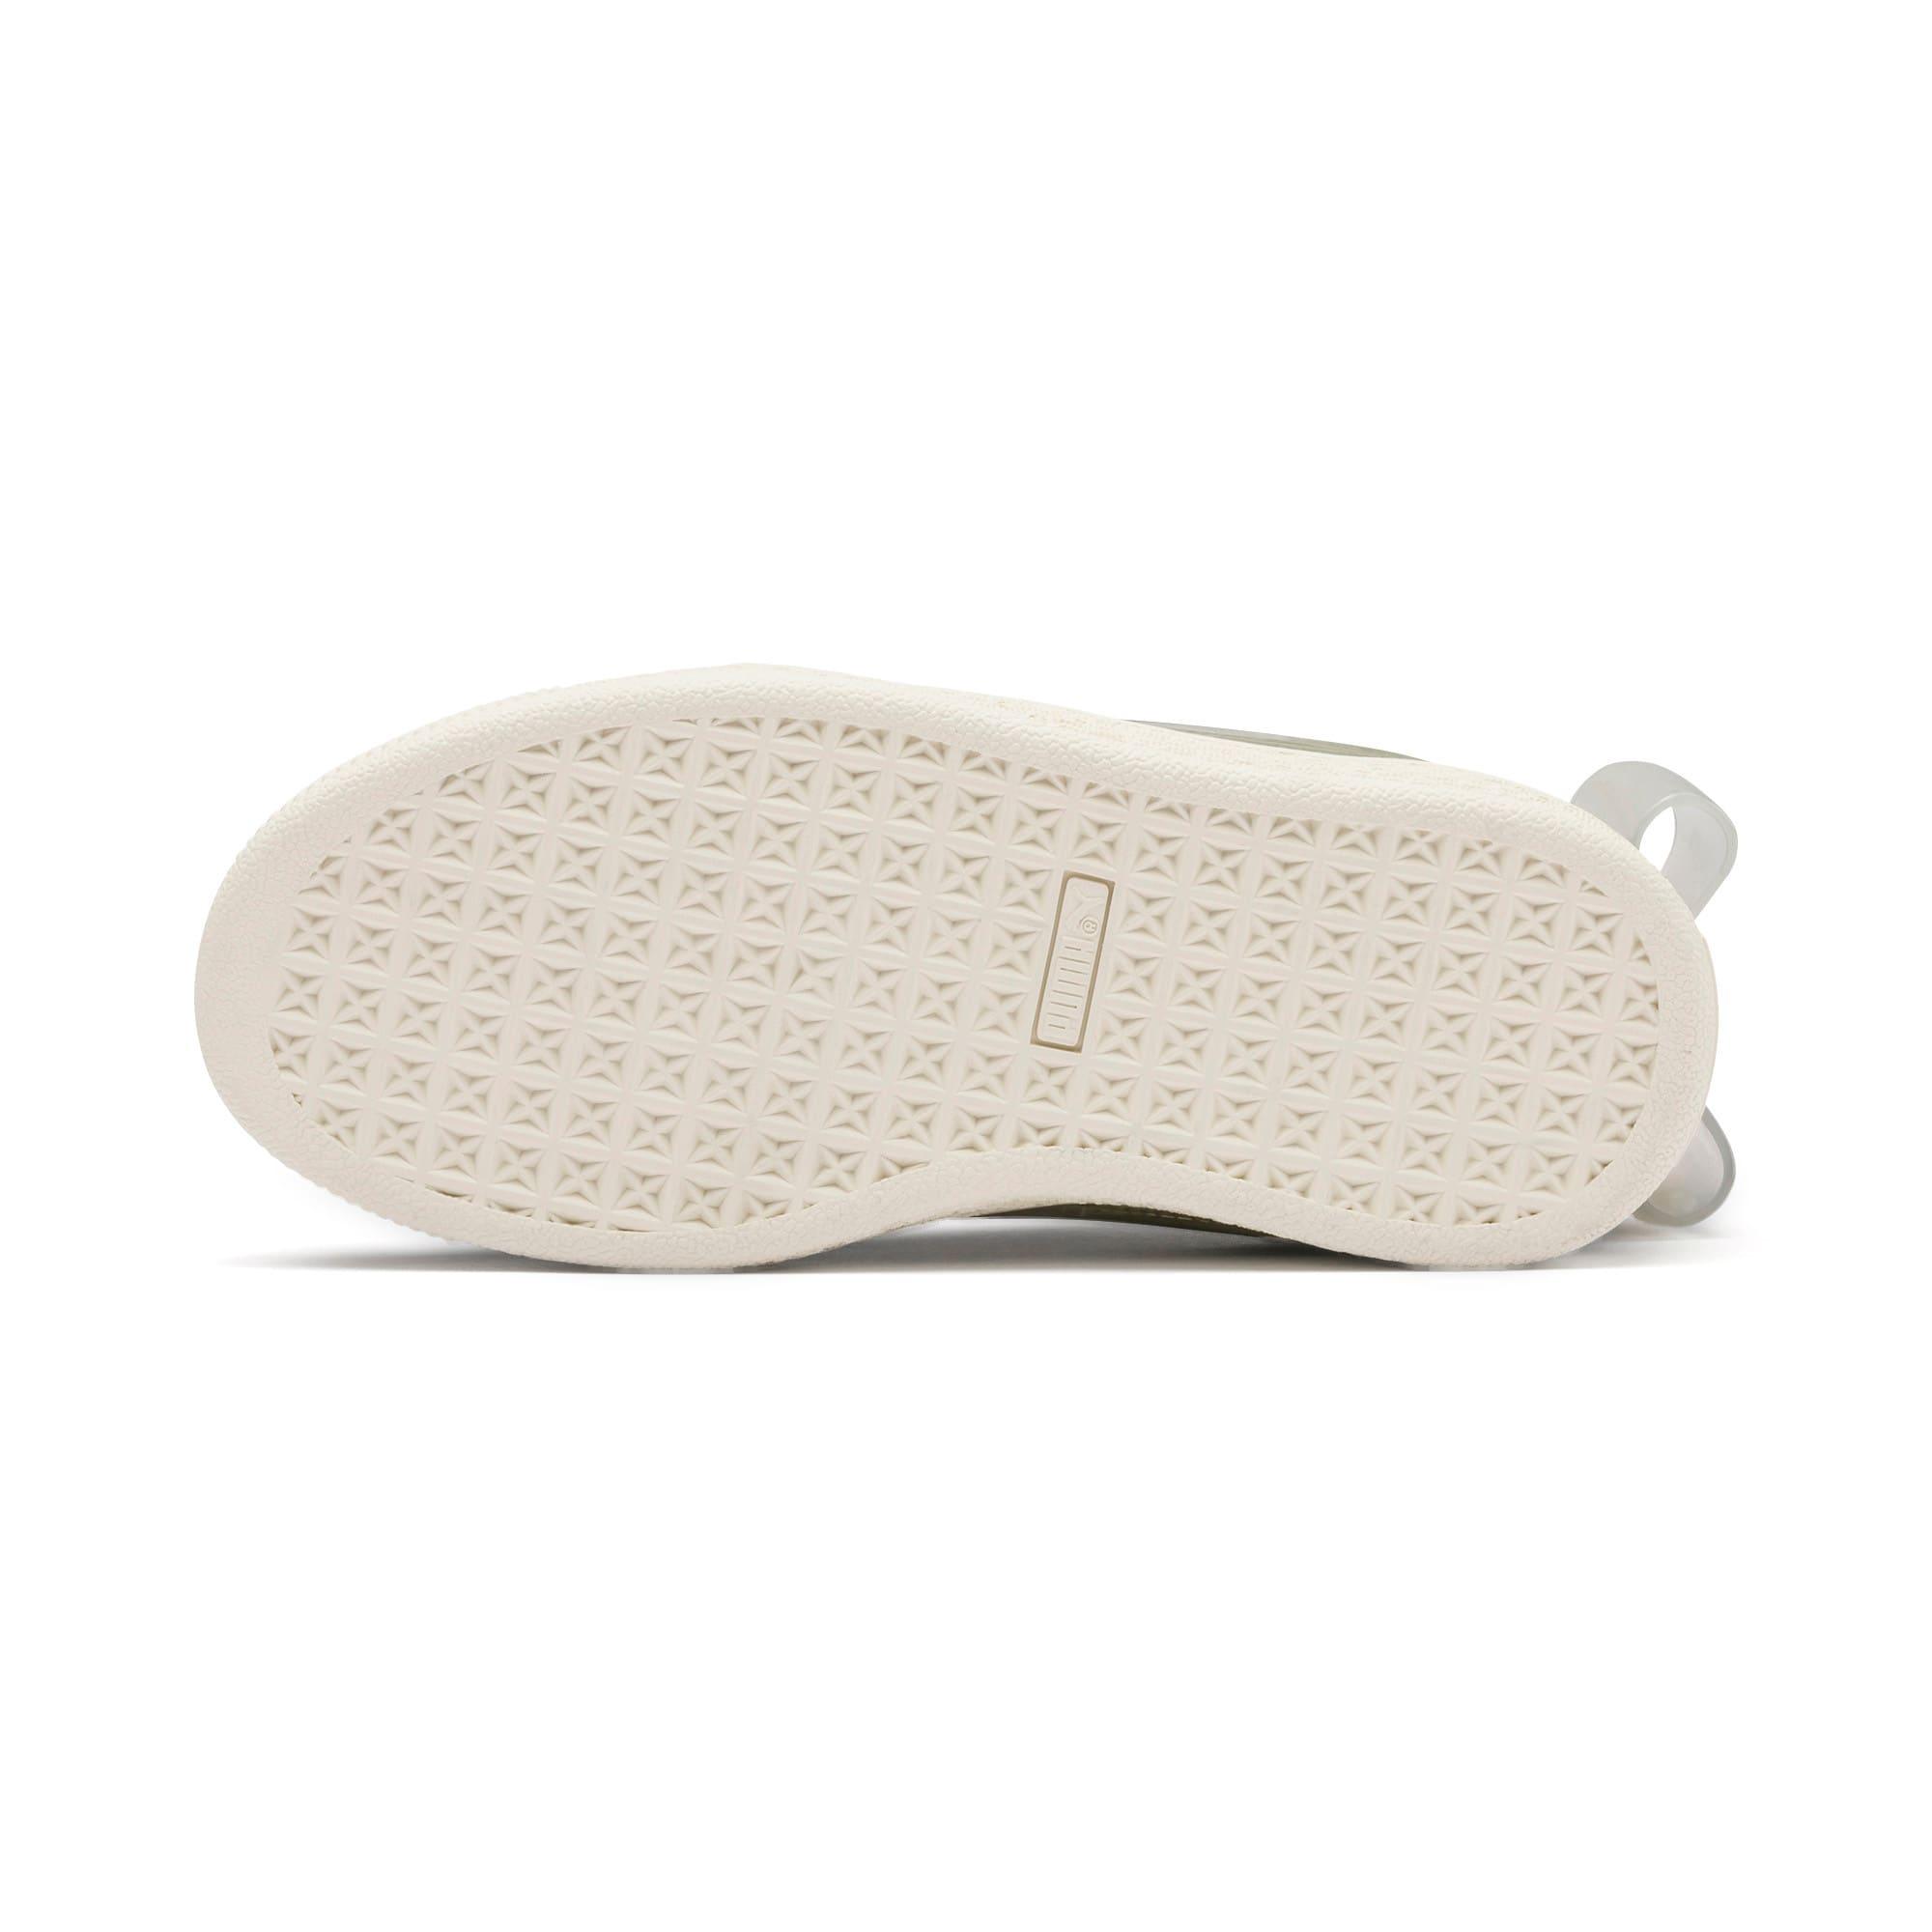 Miniatura 4 de Zapatos Suede Jelly Bow AC para niños, Puma Black-Glac Gray-Silver, mediano